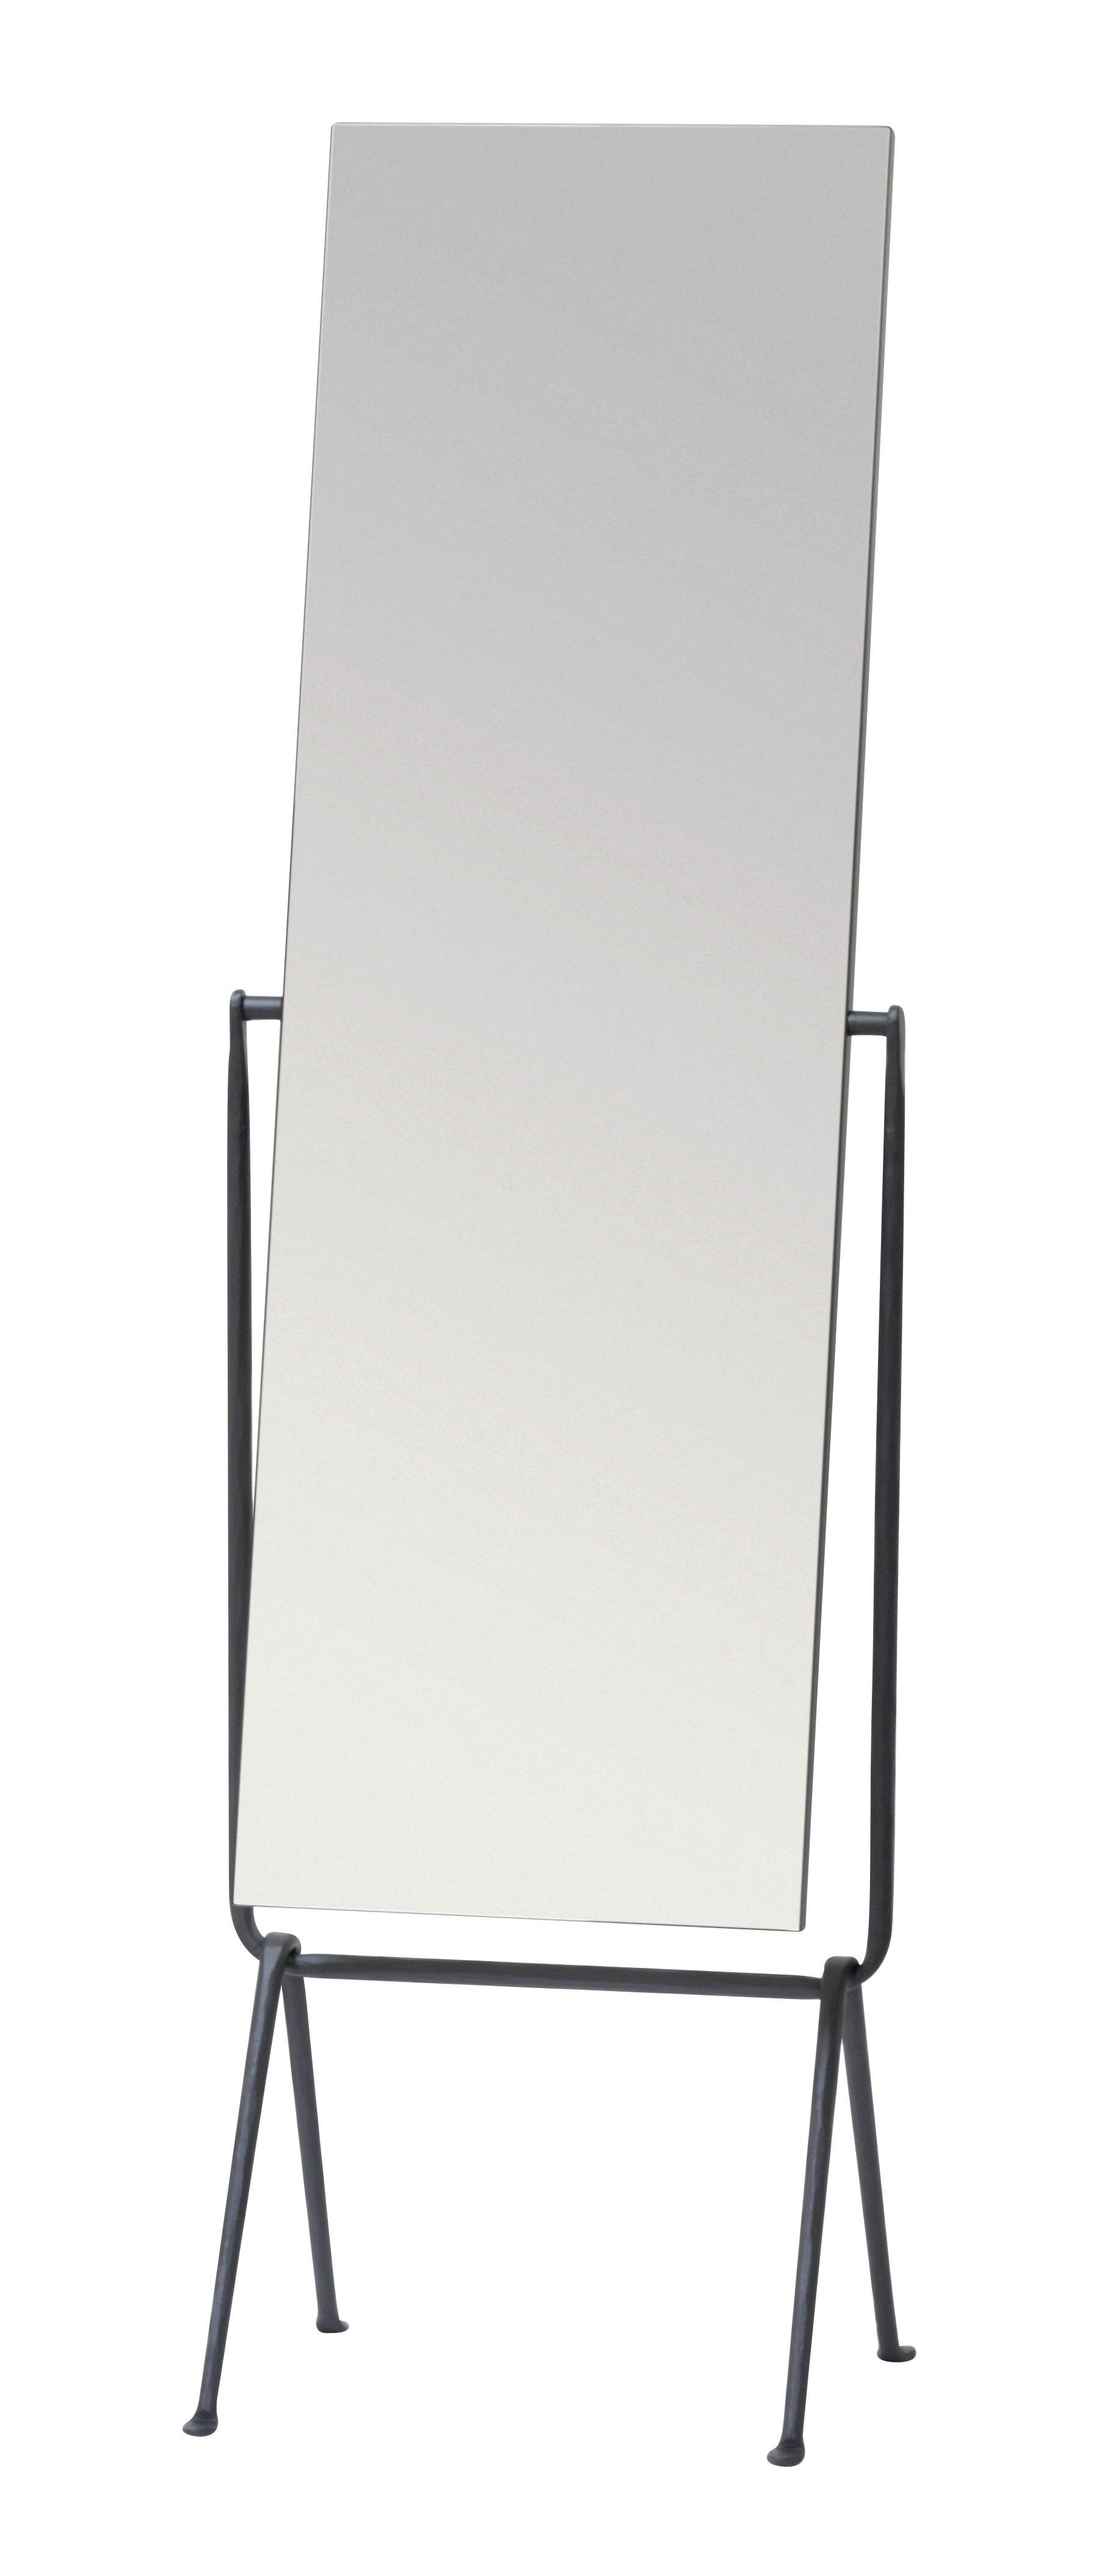 Interni - Specchi - Specchio da terra Officina - / Ferro battuto - Inclinabile di Magis - Nero - Ferro battuto verniciato, Vetro